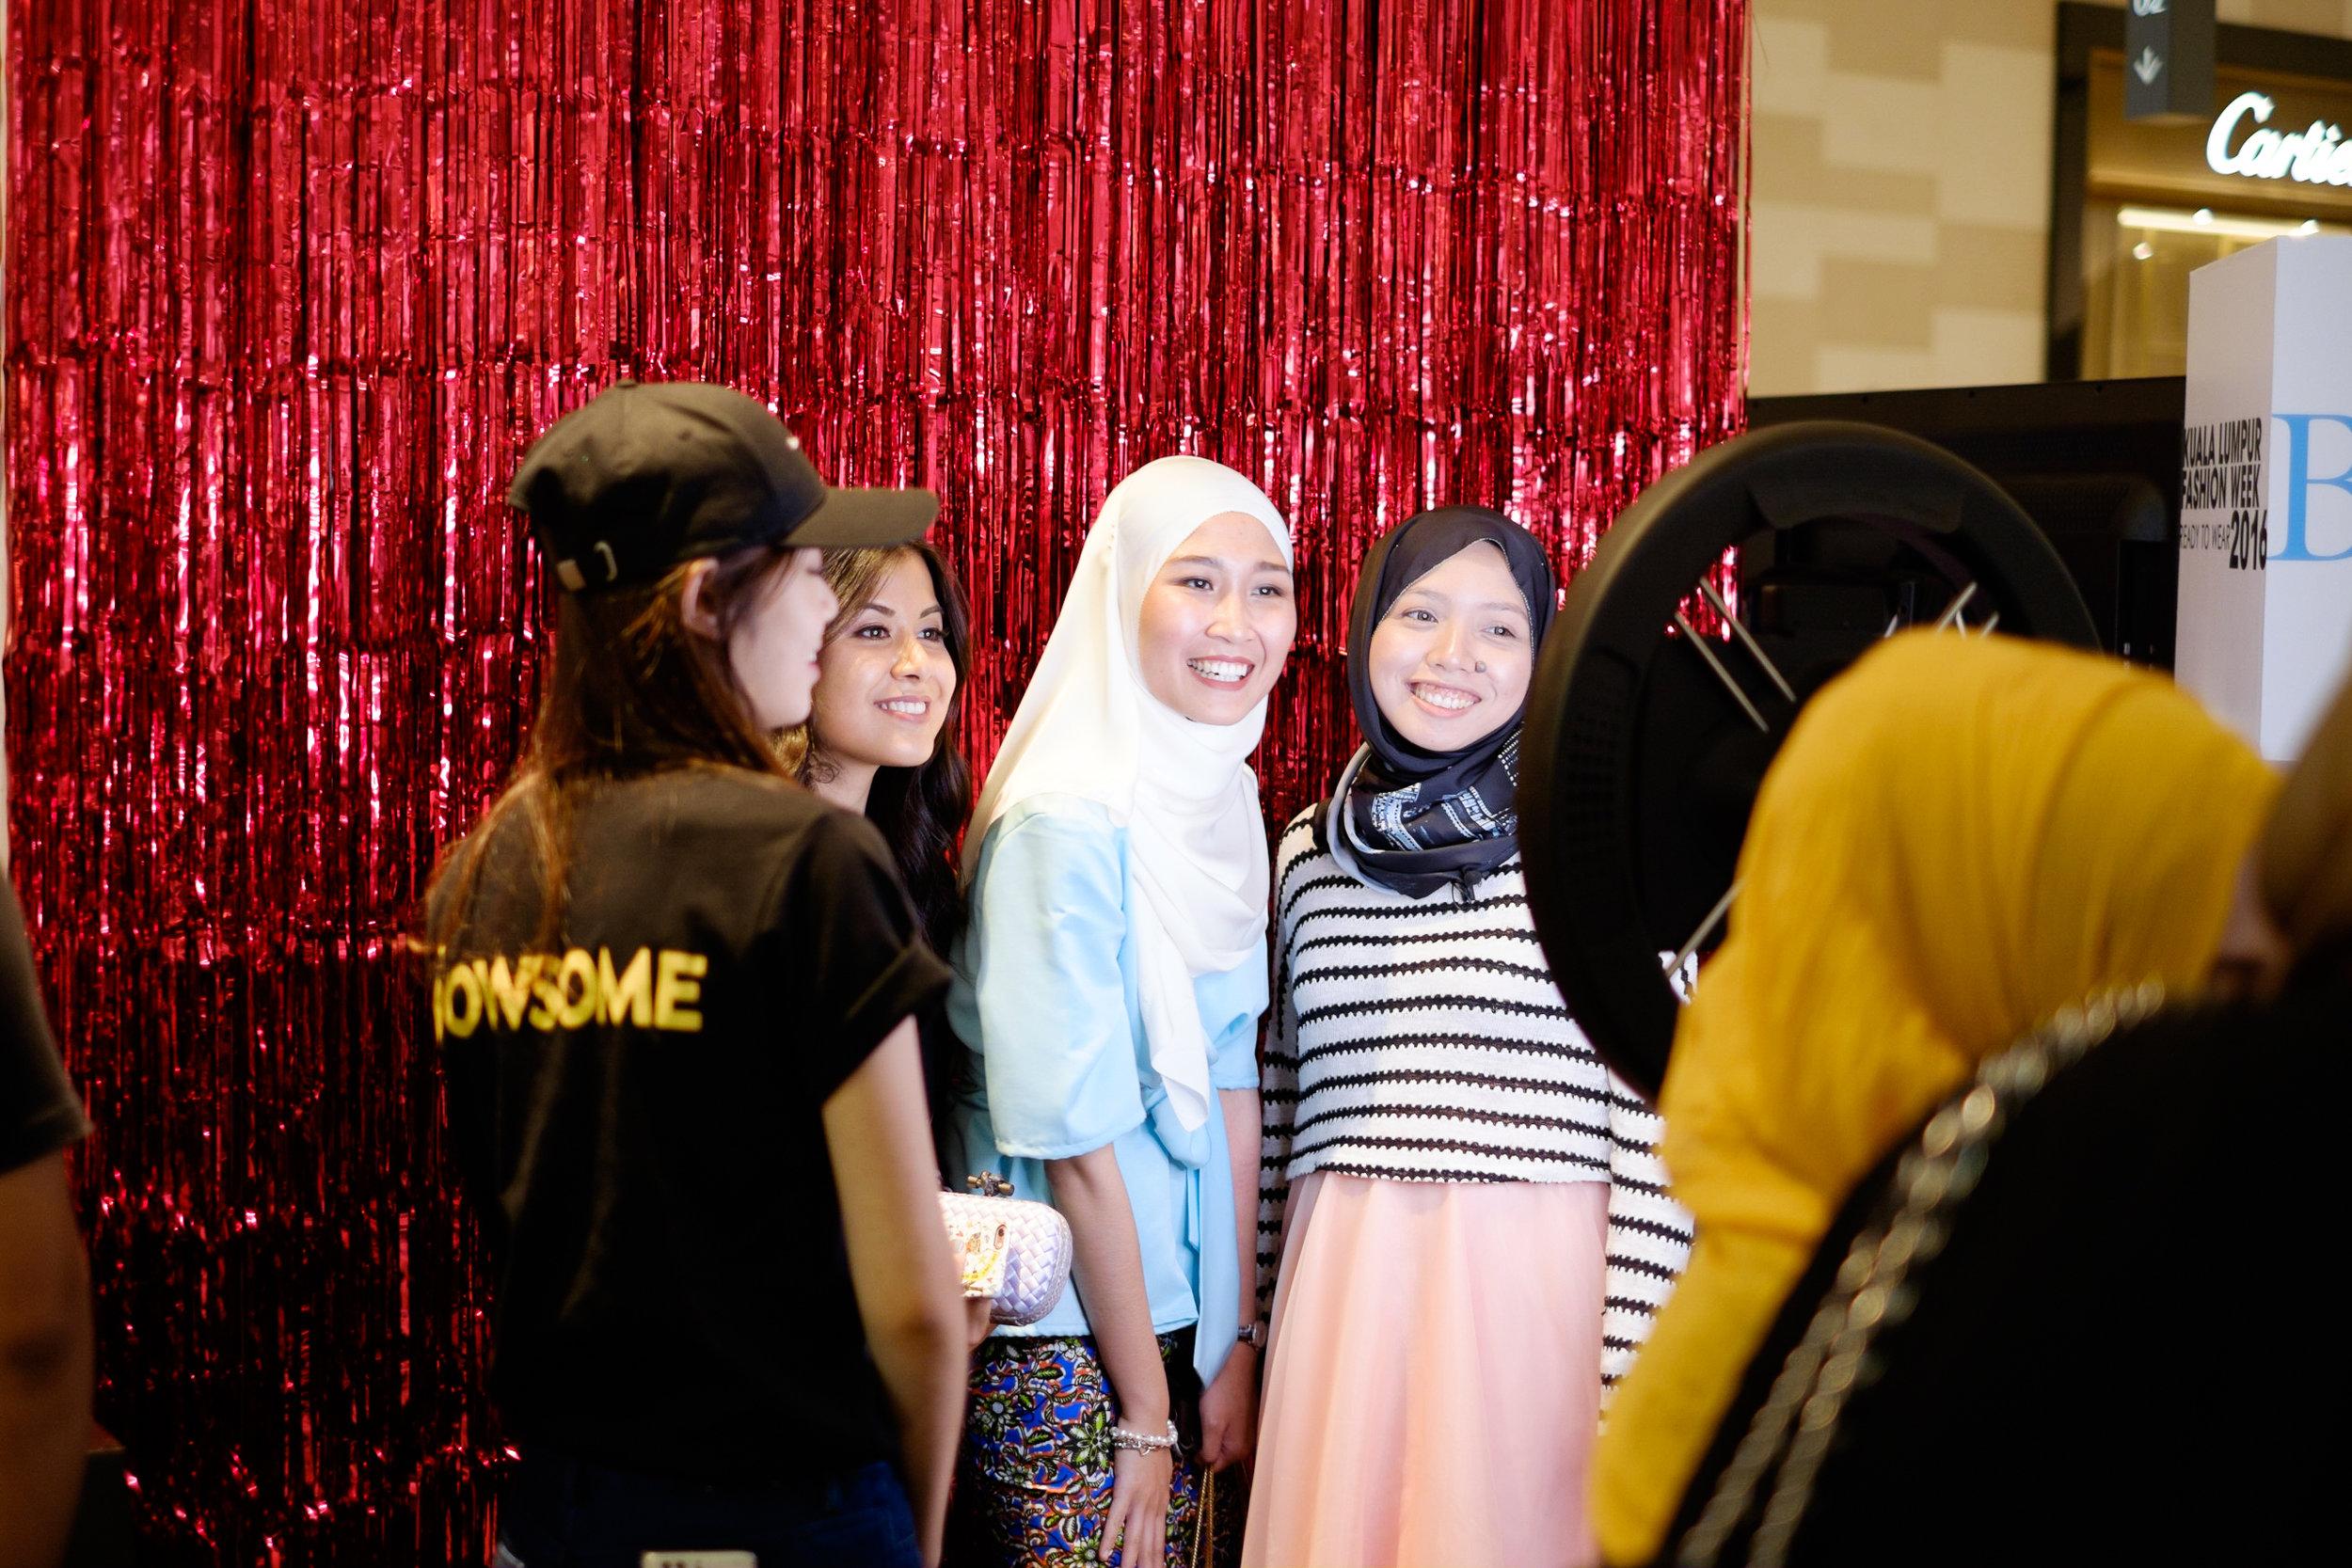 With my fashion homies, Nabeela of lipstickmyname.com and Fina of weekendfrocks.com